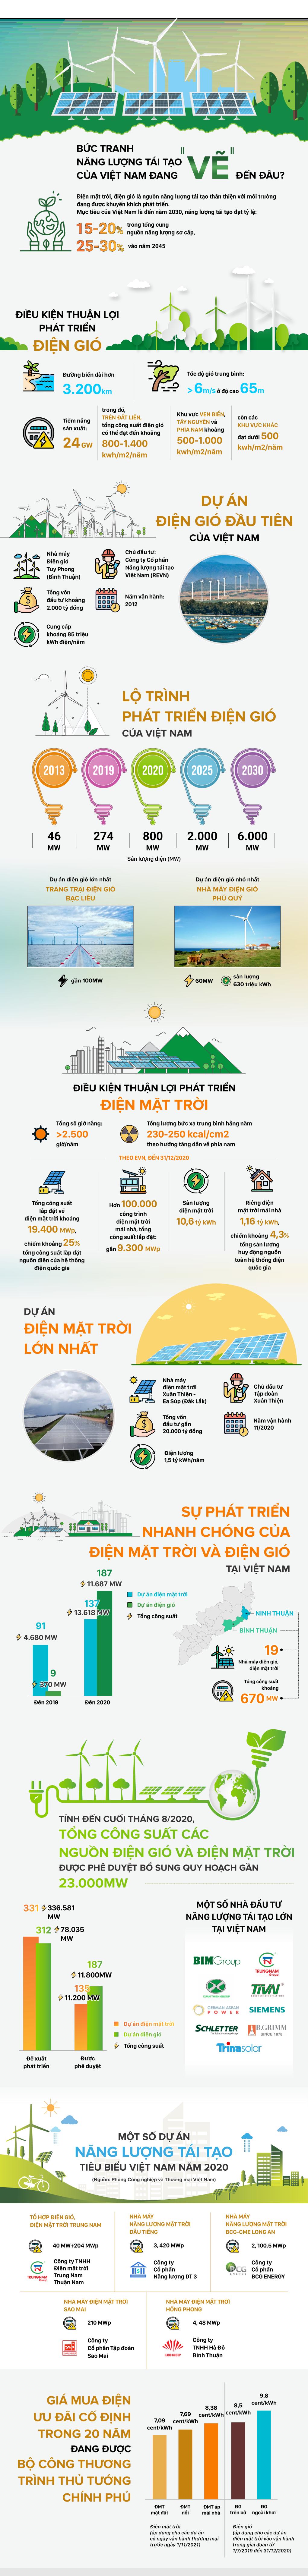 Bức tranh năng lượng tái tạo của Việt Nam đang 'vẽ' đến đâu? - Ảnh 1.